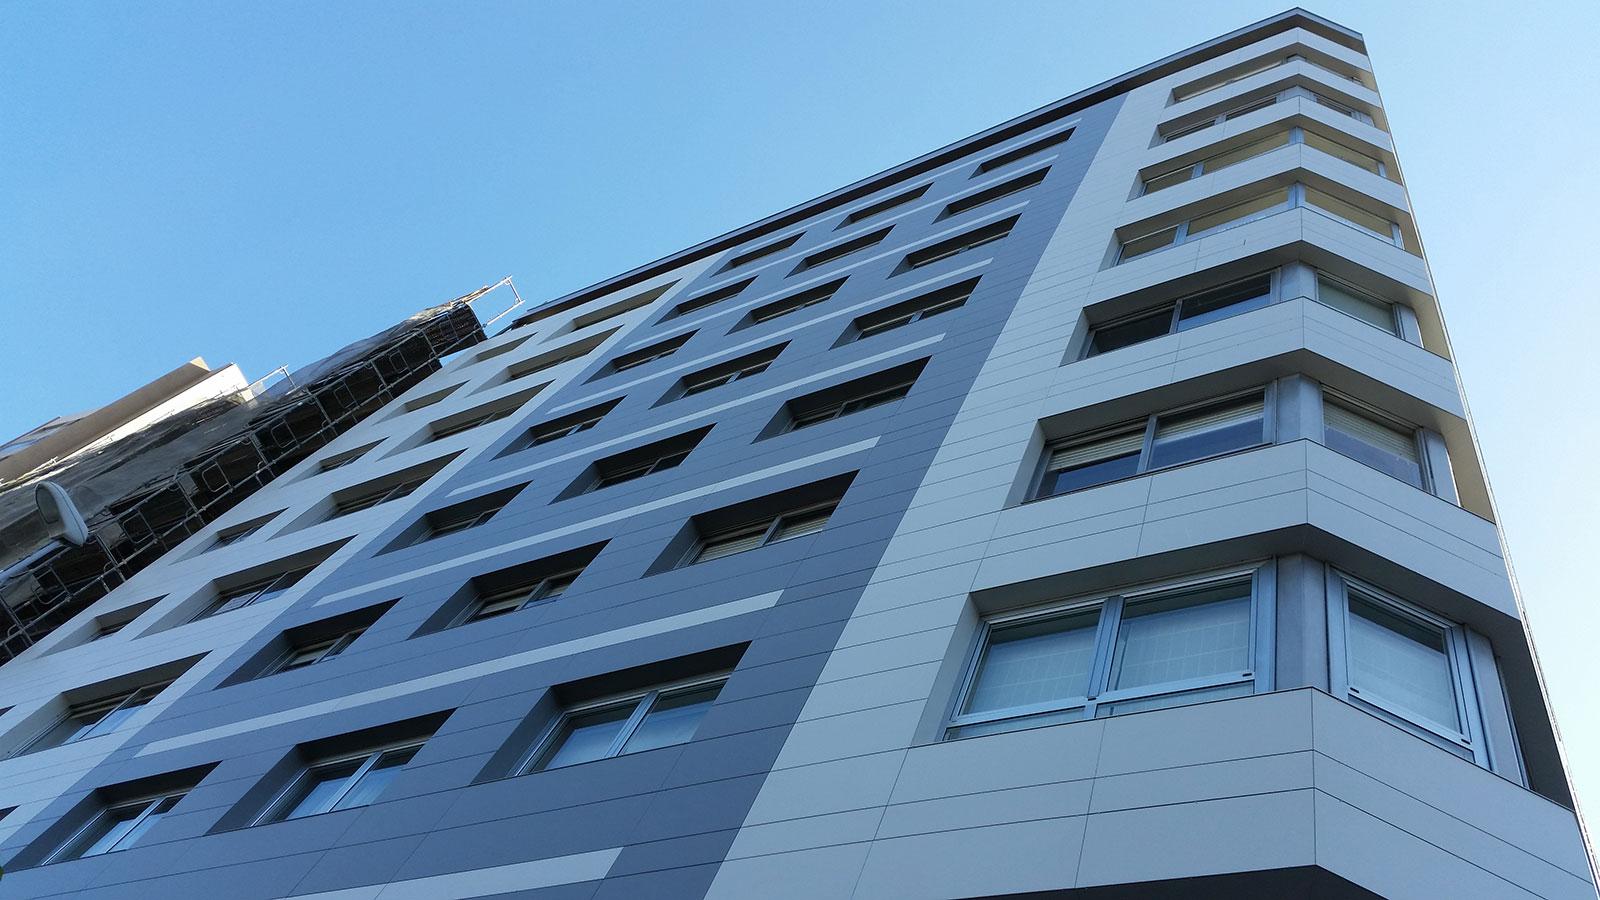 fachada ventilada coruña marmoleria jose rey